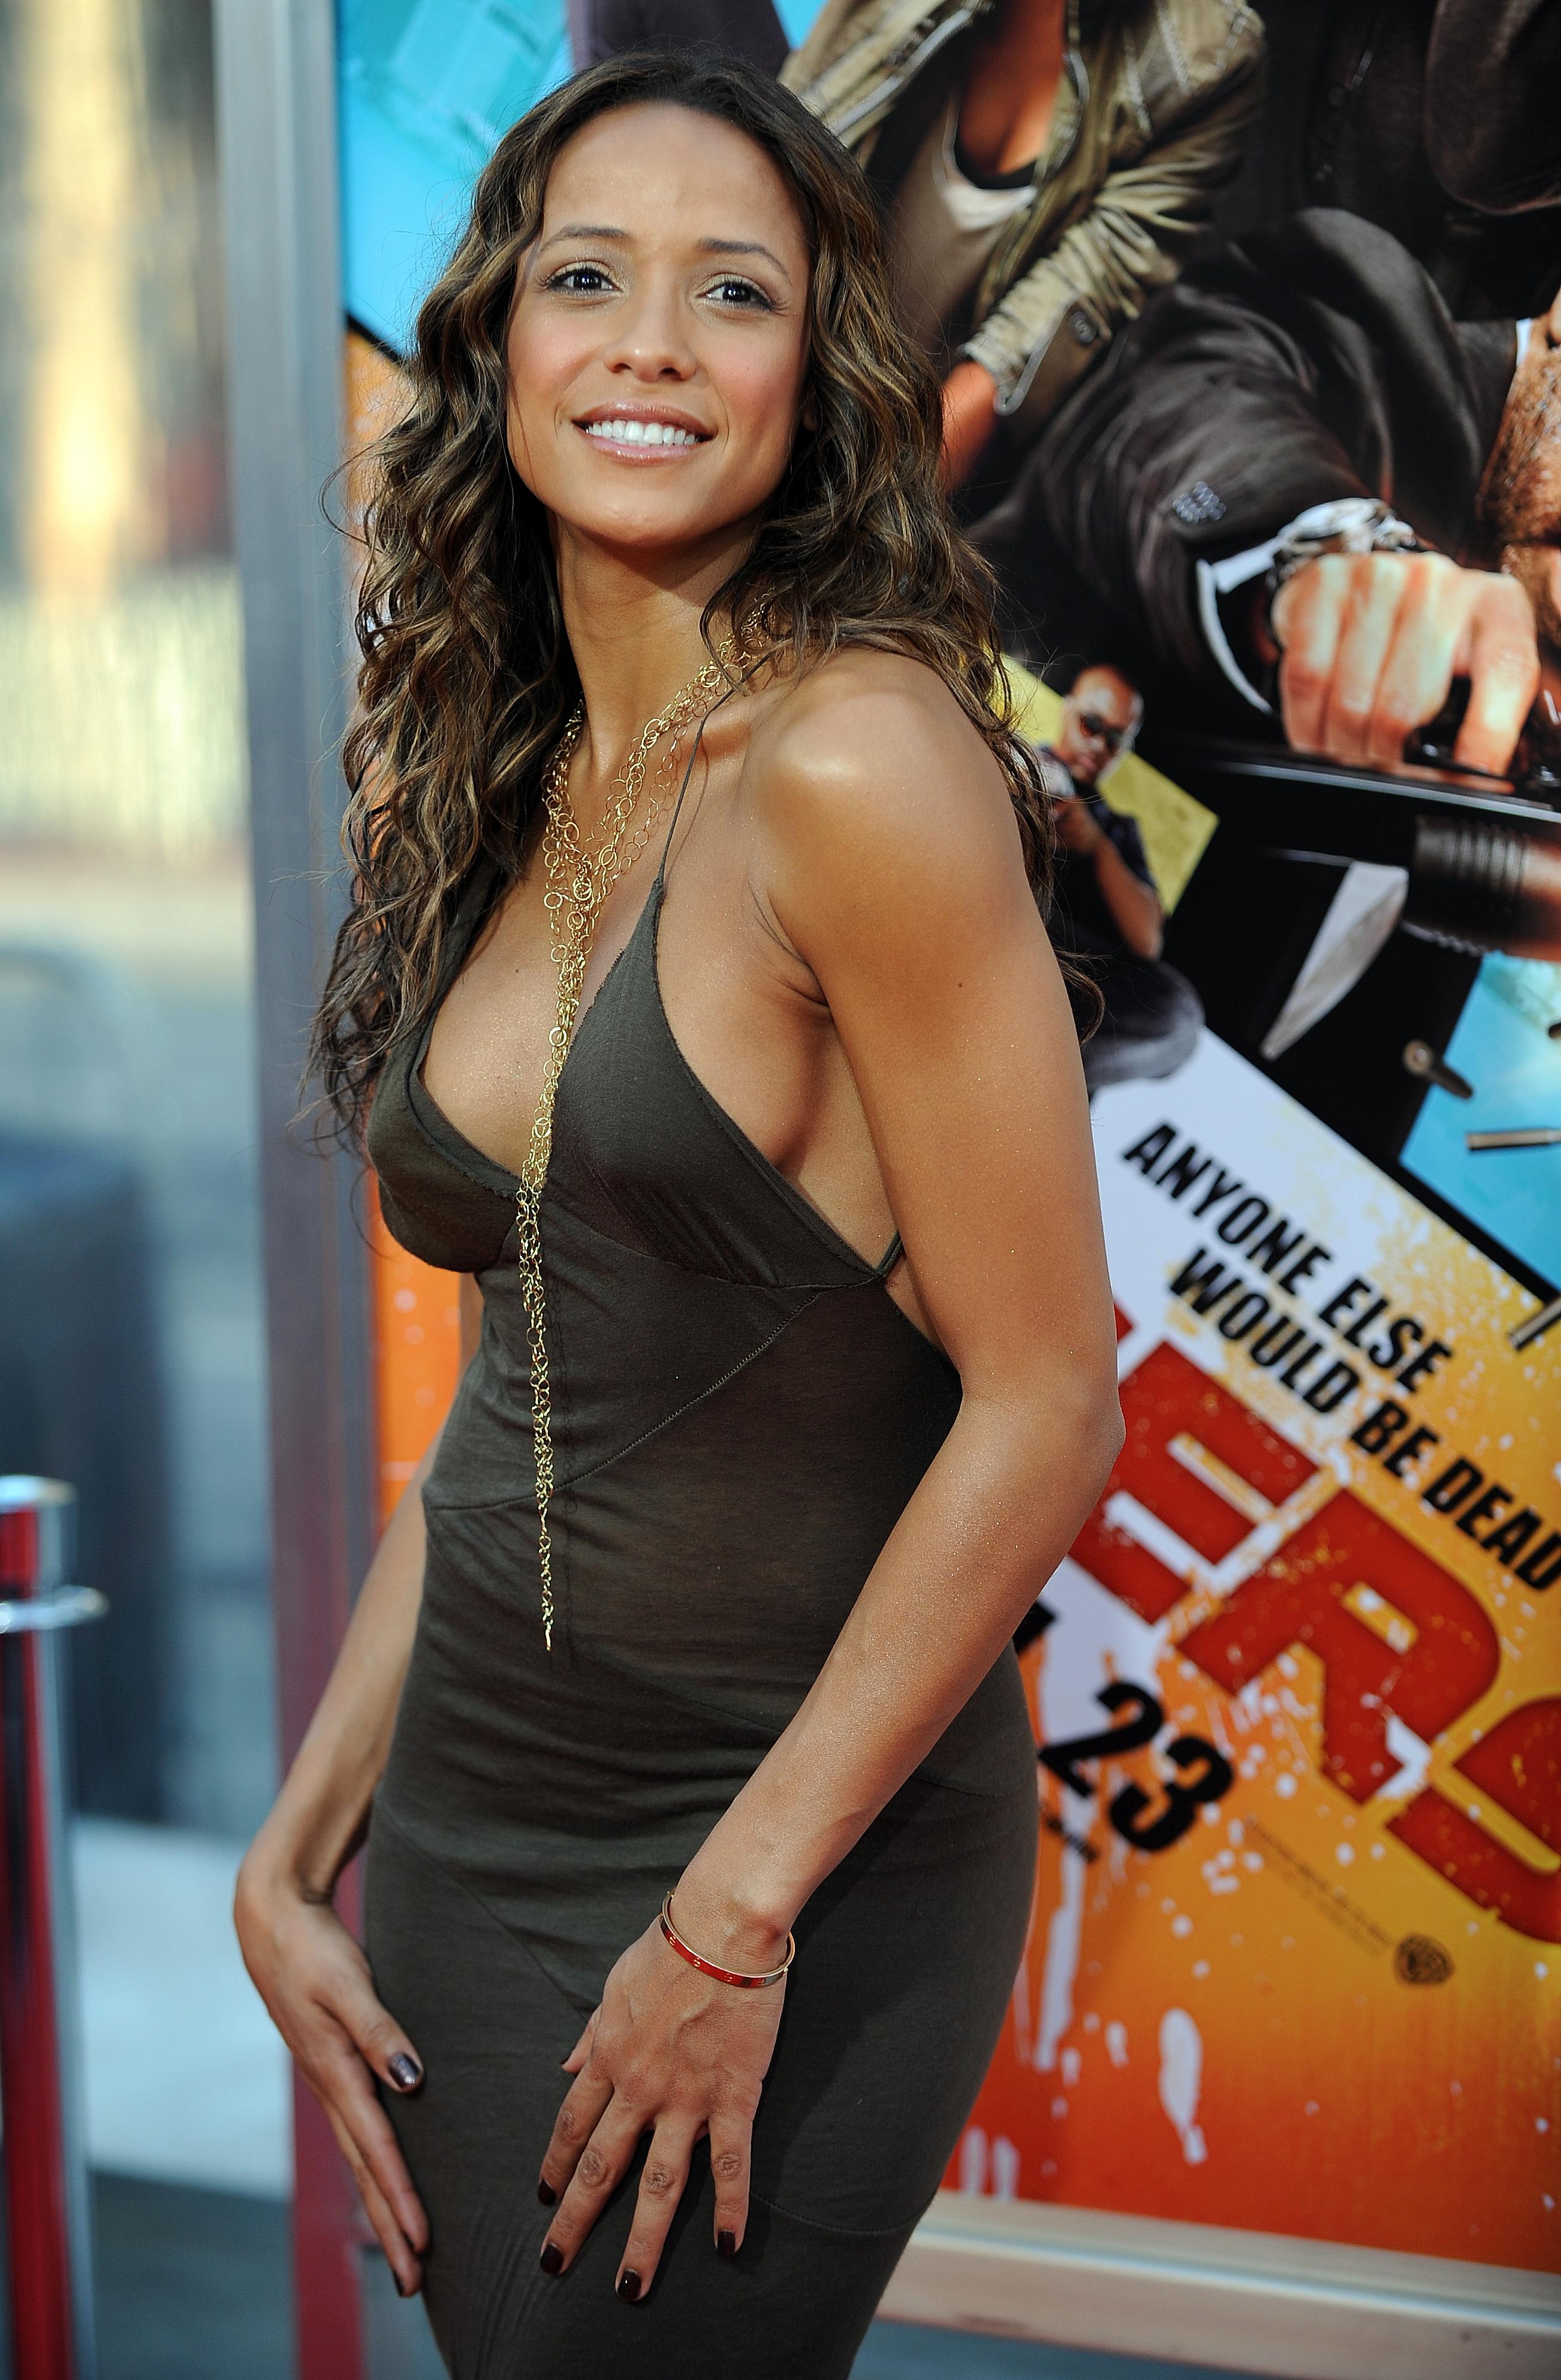 dania nude Actress ramirez